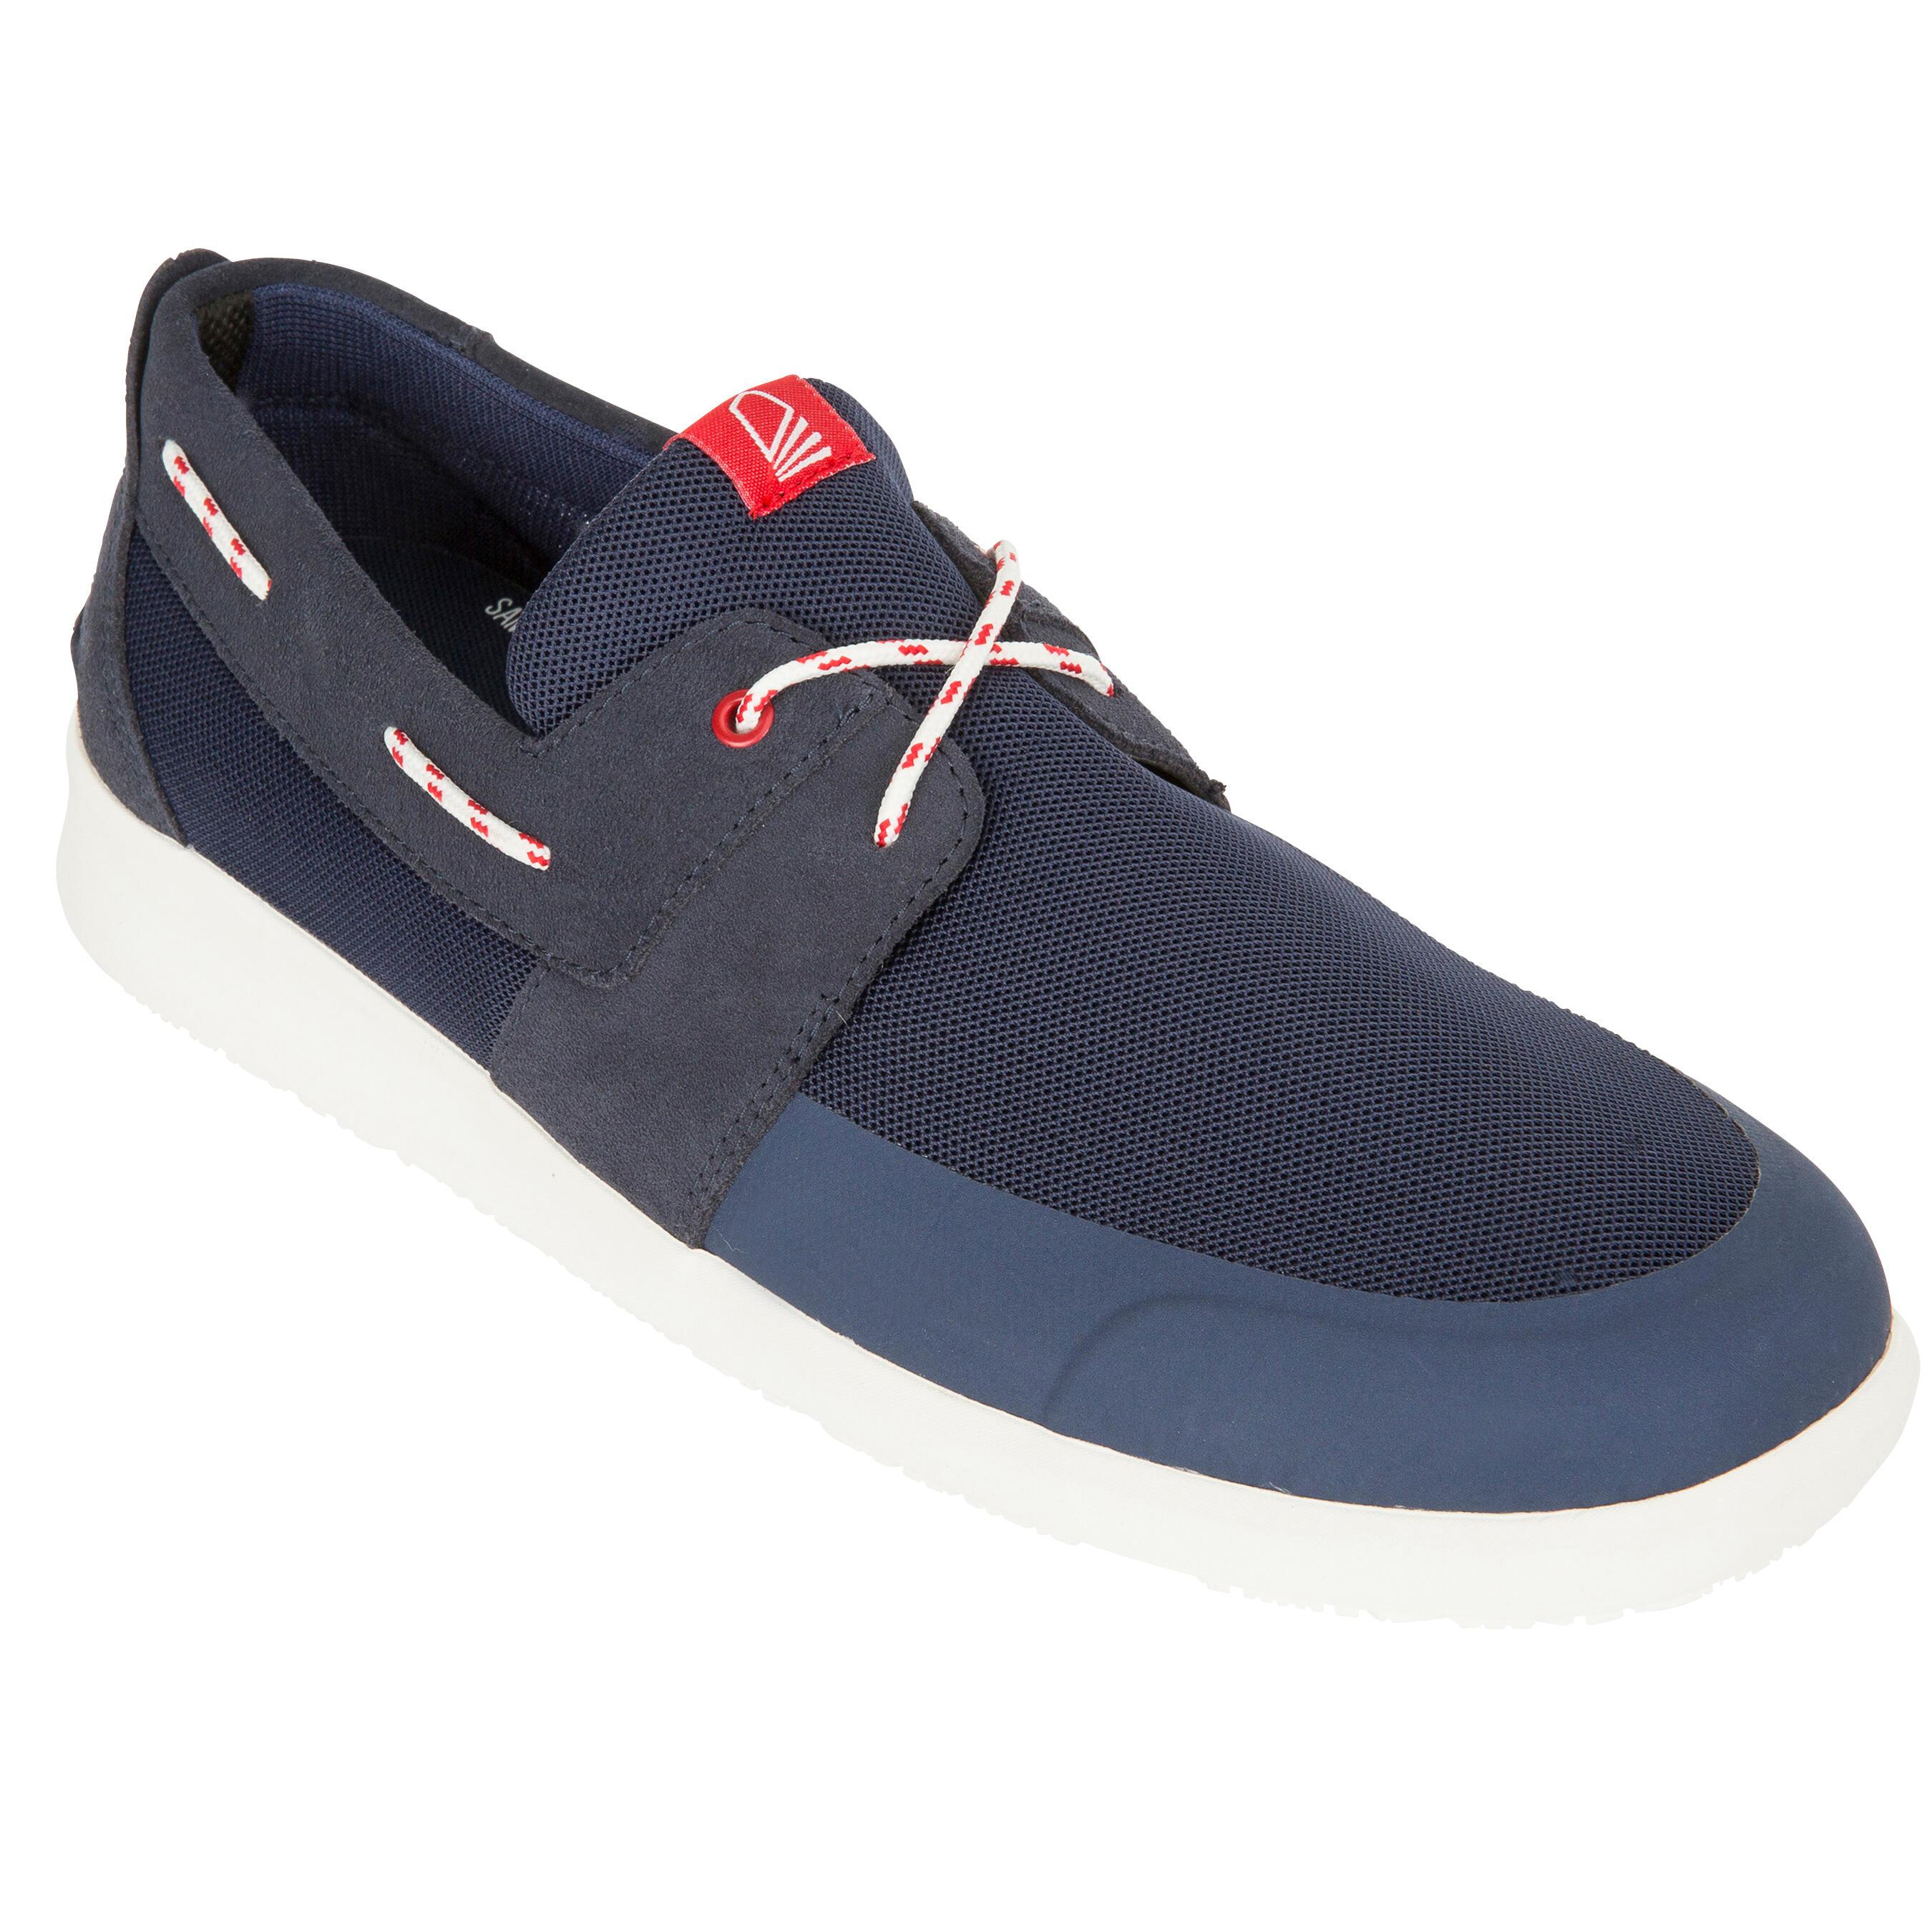 Chaussures bateau homme VOILE 100 bleu foncé